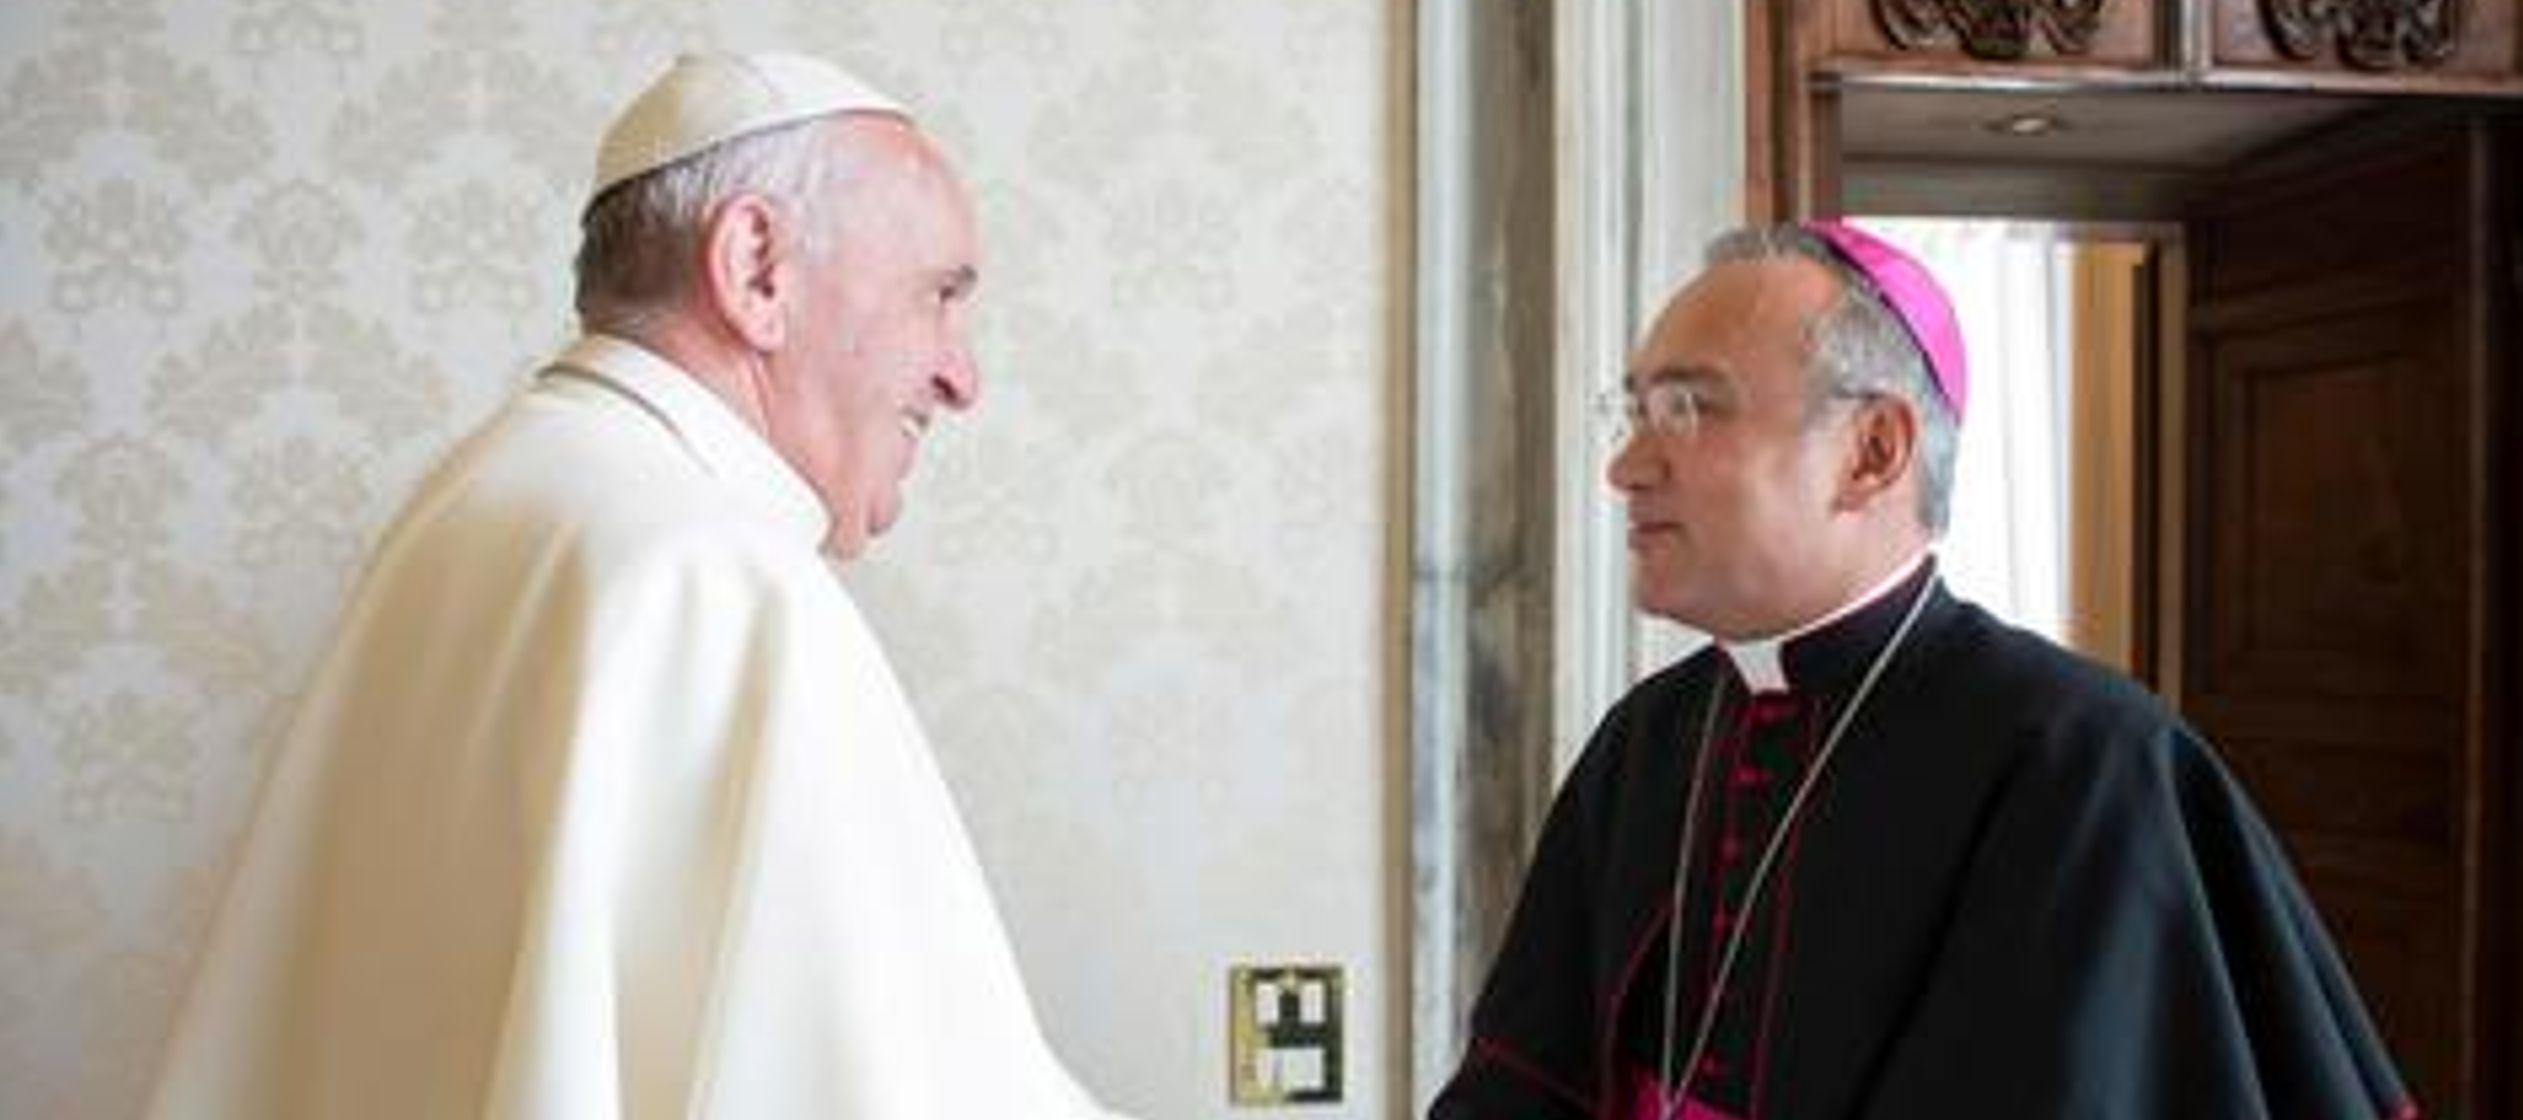 Lo informa hoy Vatican News.